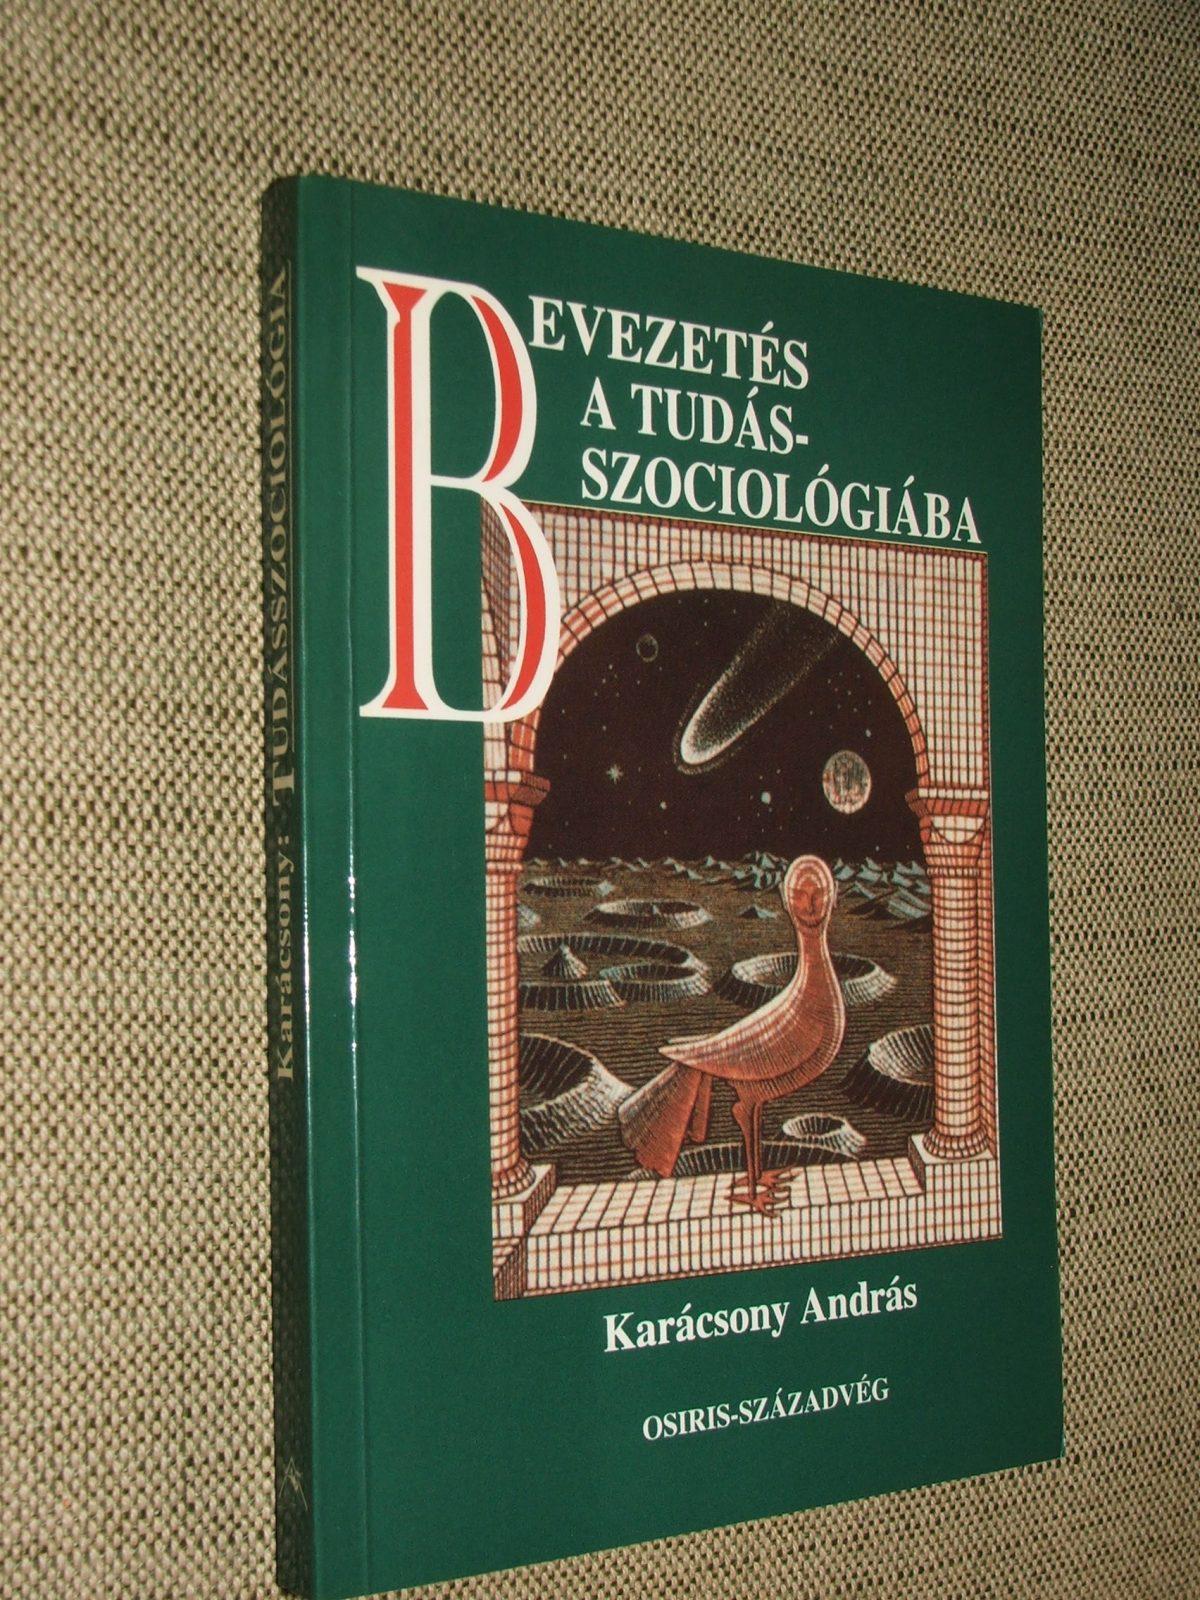 KARÁCSONY András: Bevezetés a tudásszociológiába